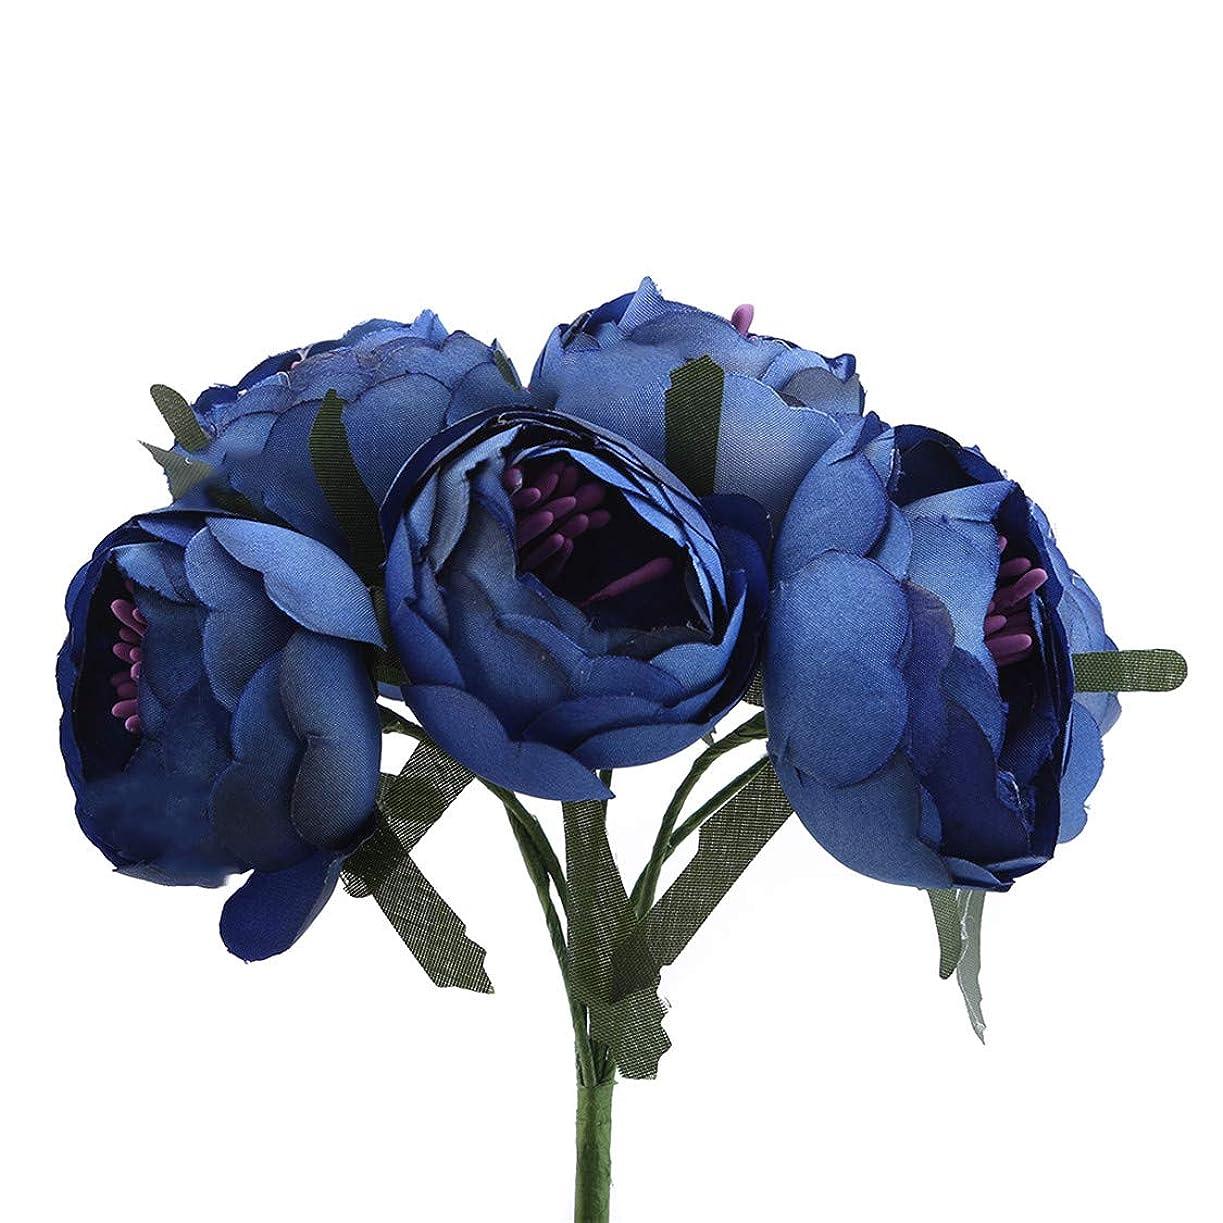 自分自身地震日の出Idiytip 6個 結婚式 ウエディング用 シルクフラワー 造花 牡丹 手作り お祝い 飾り 美しい DIY 装飾(ダークブルー)